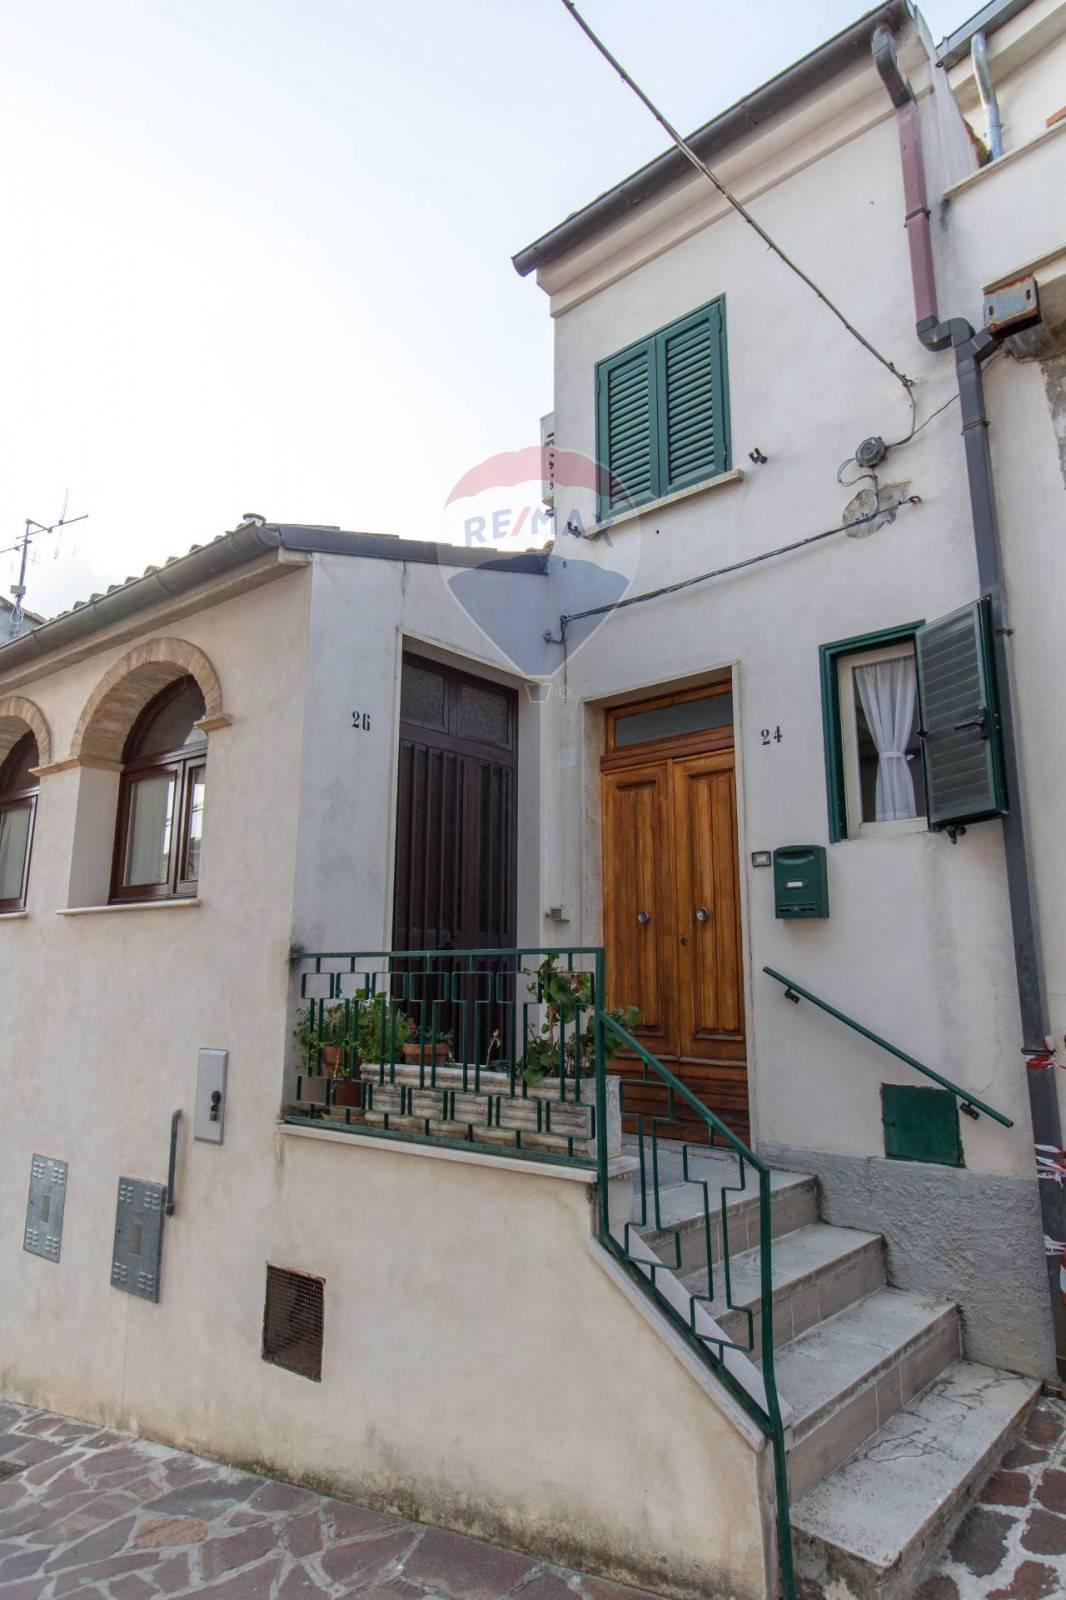 Soluzione Semindipendente in vendita a Alanno, 8 locali, zona Zona: Macerine, prezzo € 60.000 | CambioCasa.it